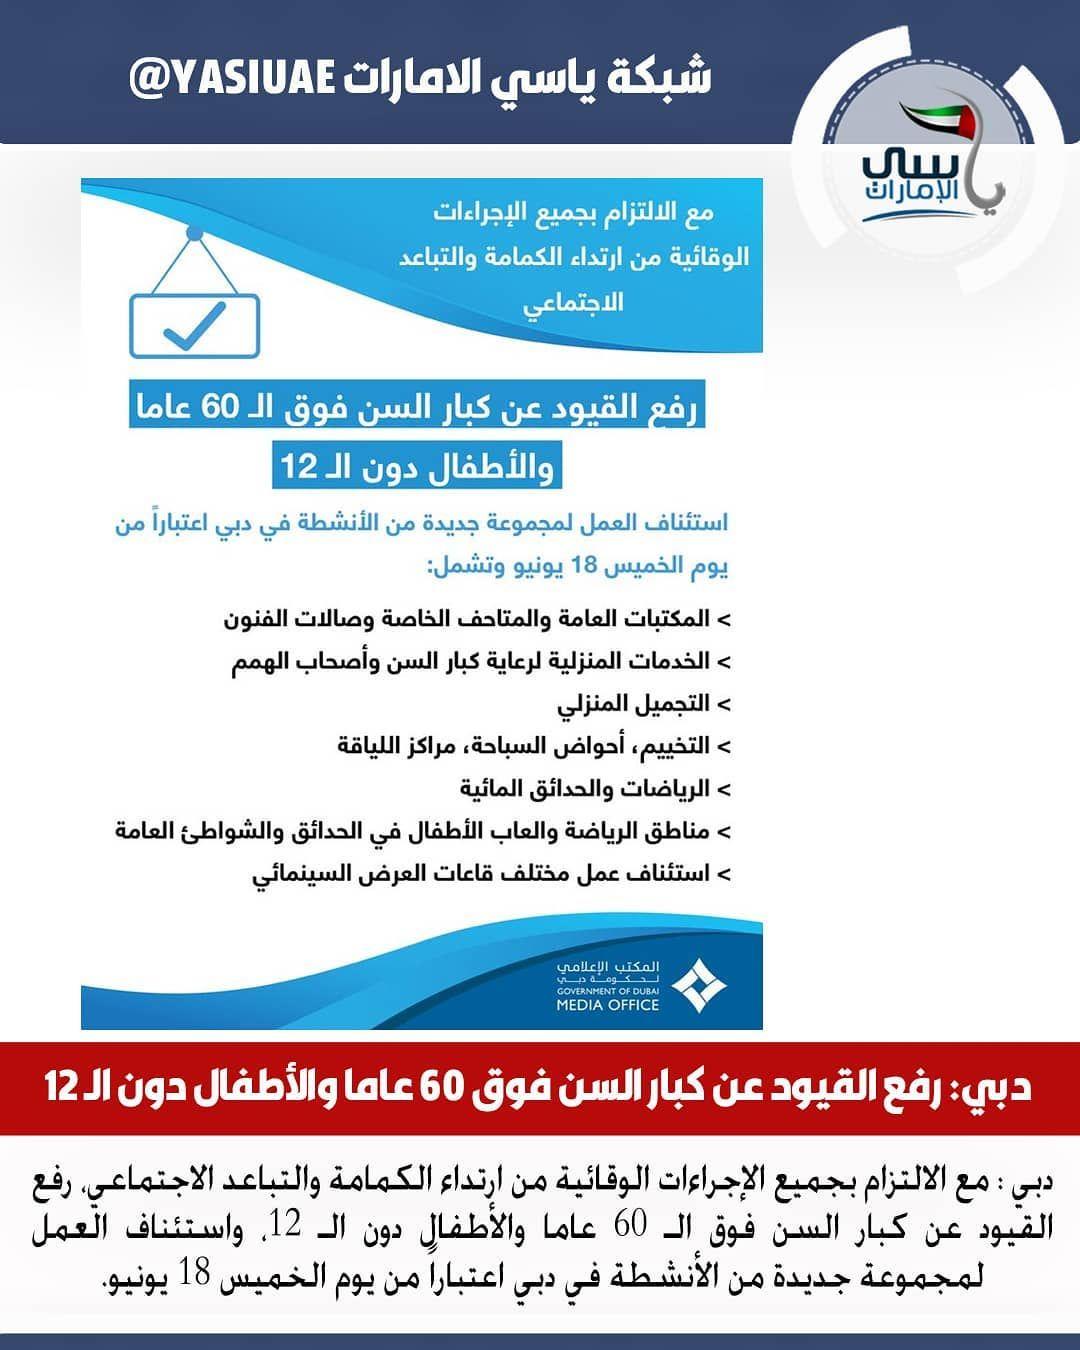 دبي رفع القيود عن كبار السن فوق 60 عاما والأطفال دون الـ 12